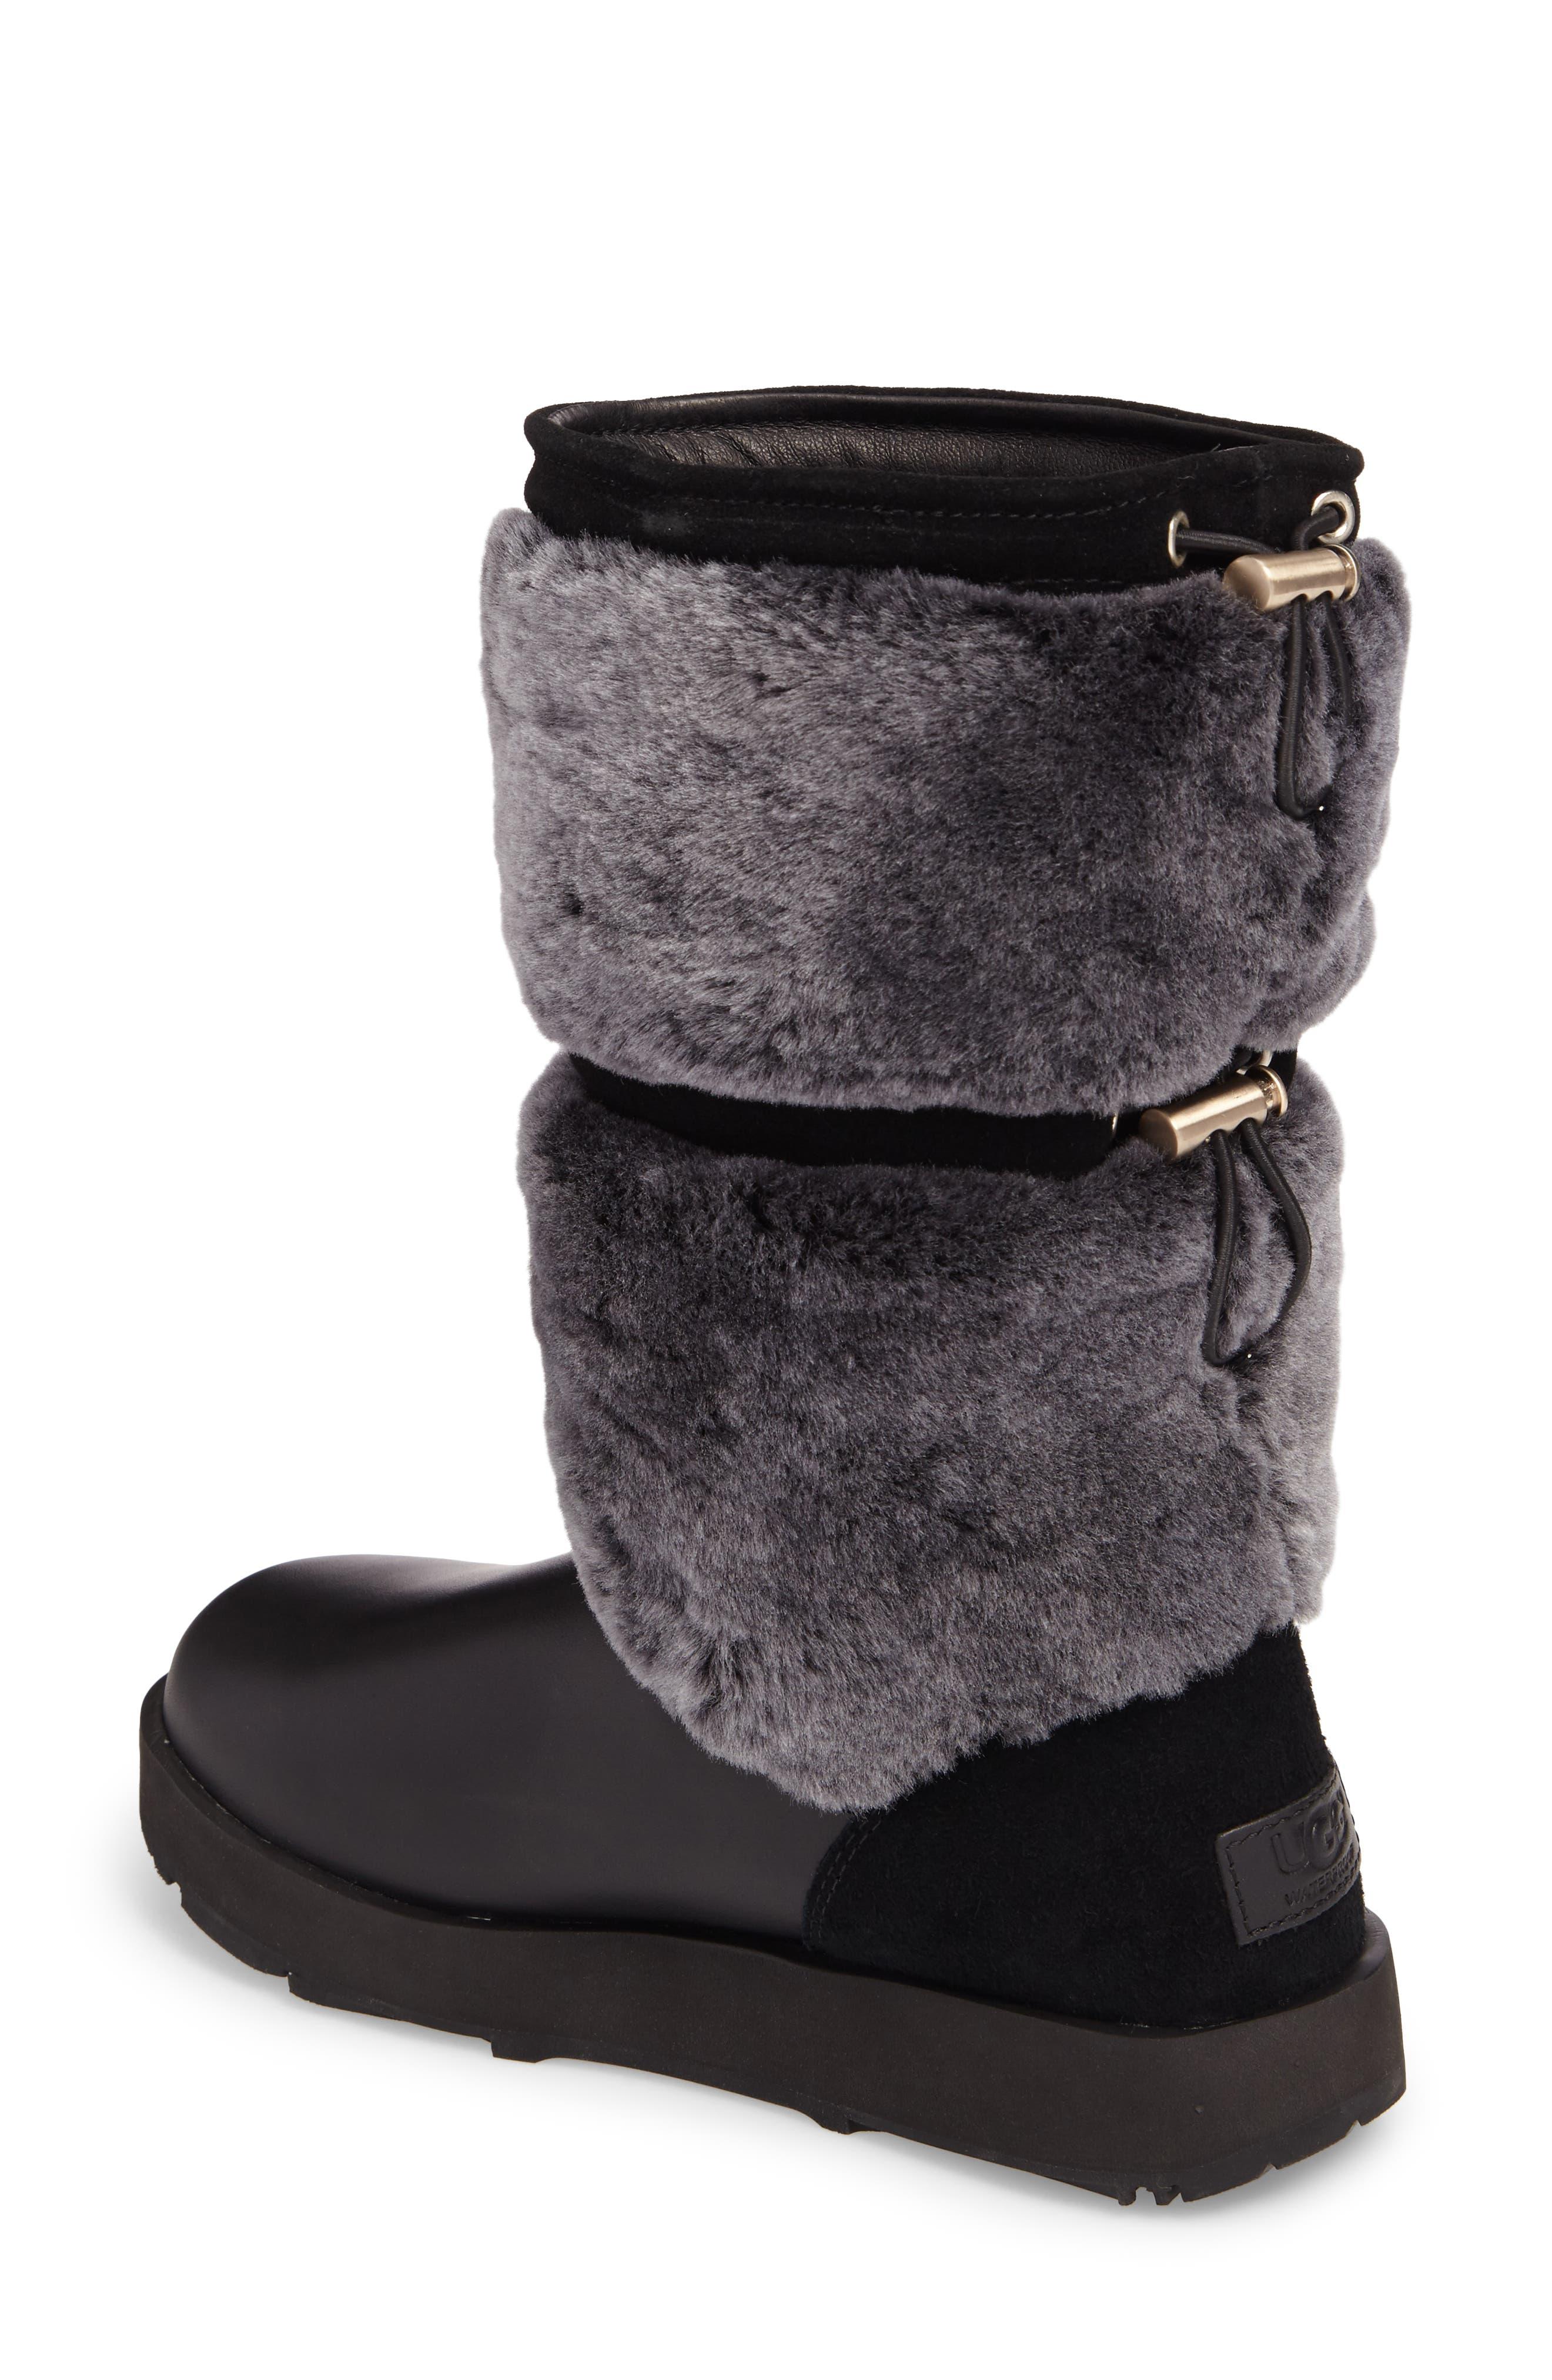 Reykir Waterproof Snow Boot,                             Alternate thumbnail 4, color,